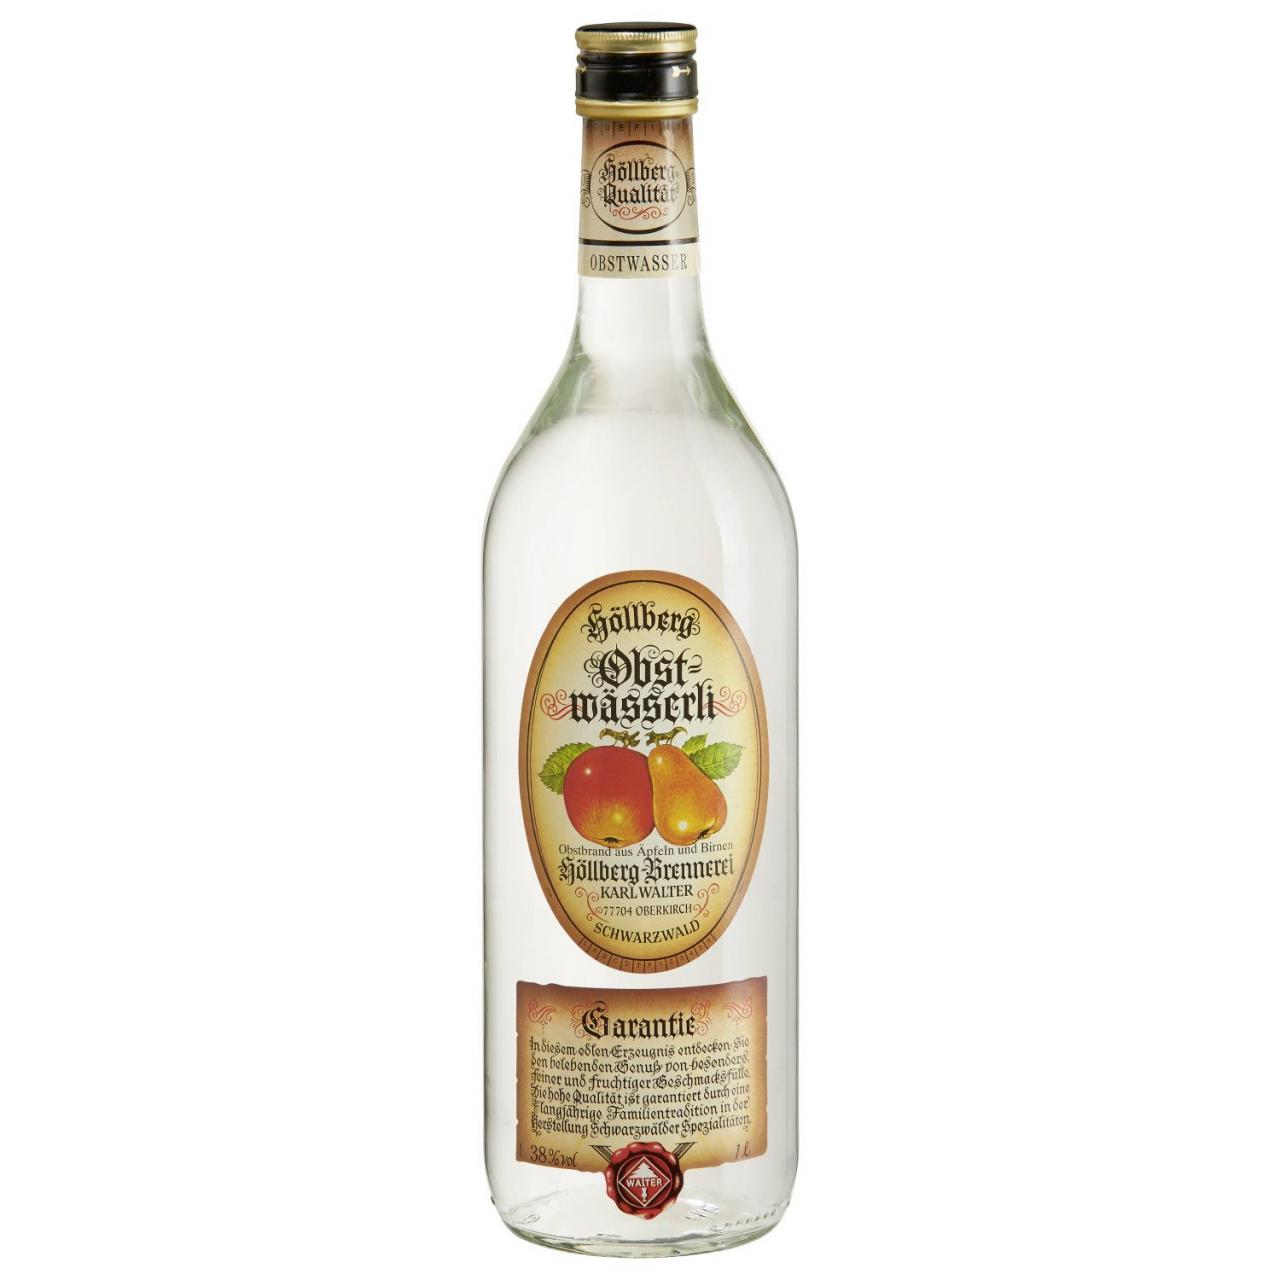 1,0 Liter Flasche Höllberg Obstwasser